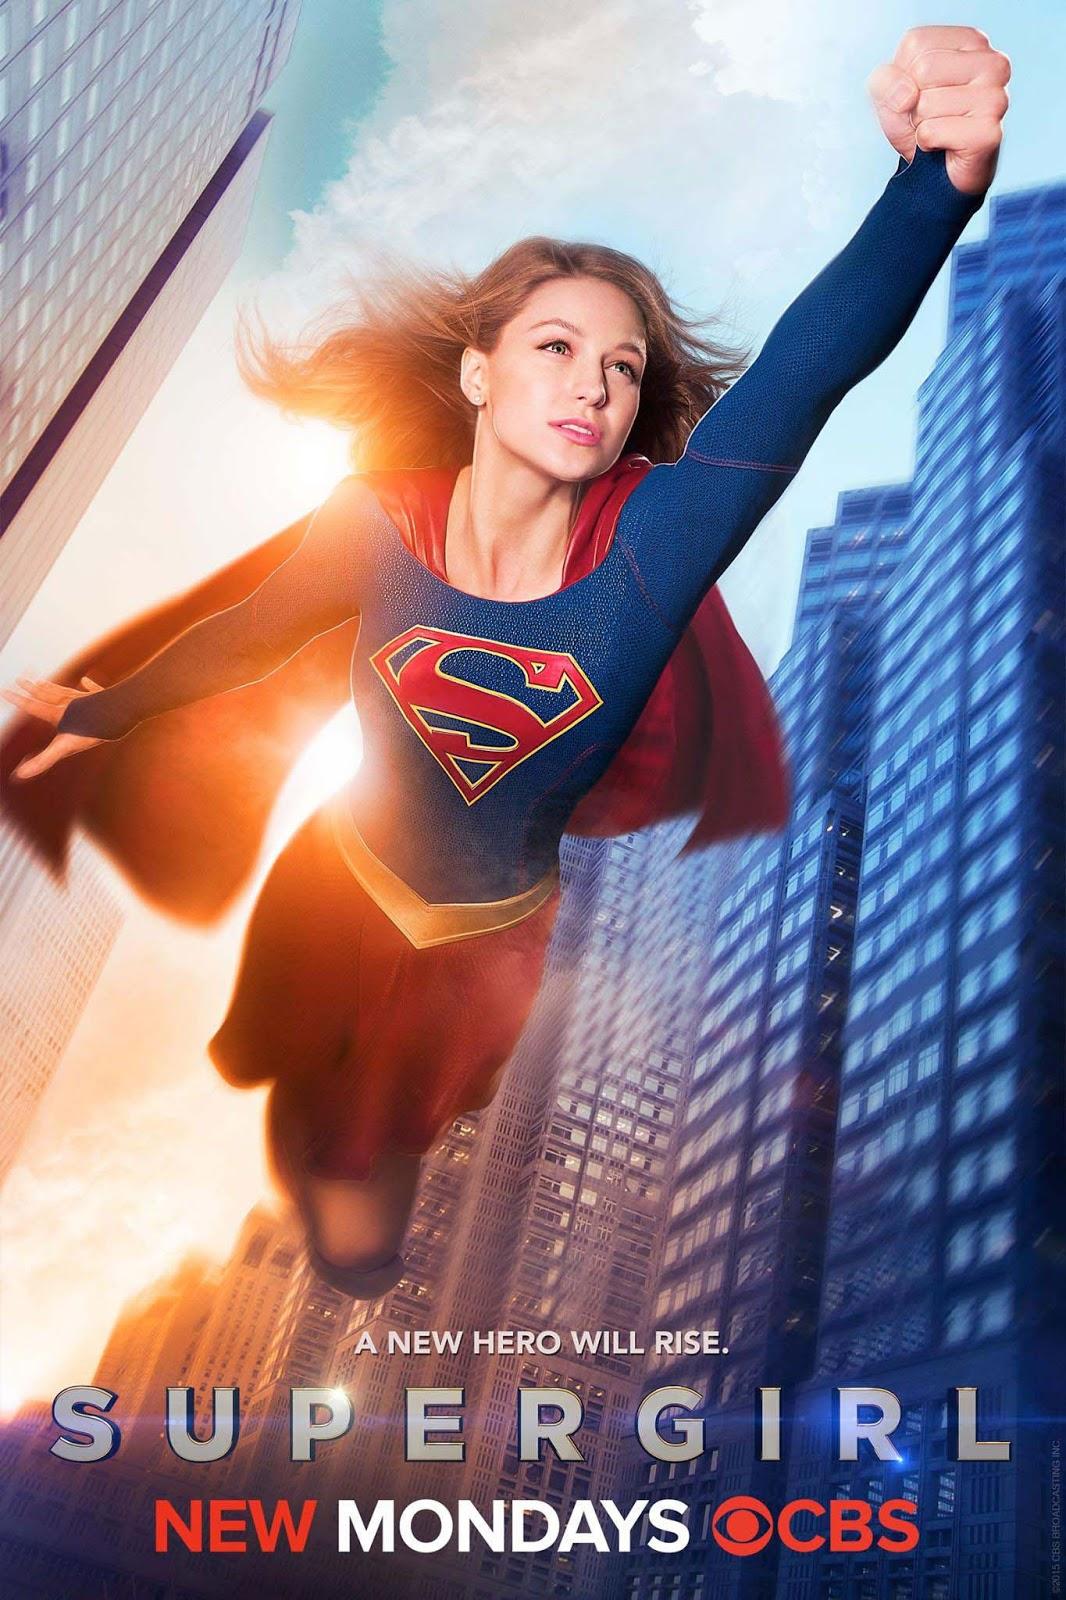 Supergirl season 1 (2015)